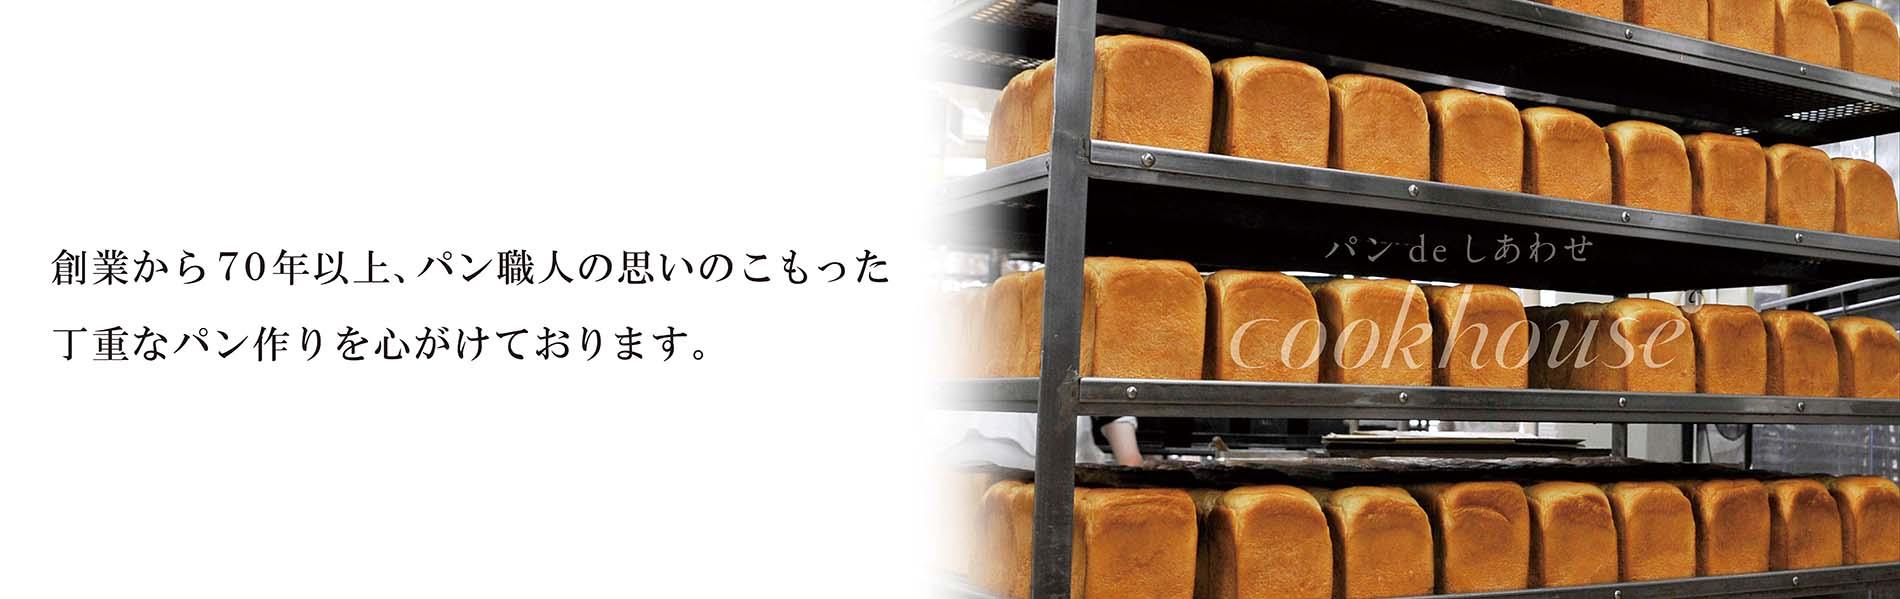 TOP-健康パン